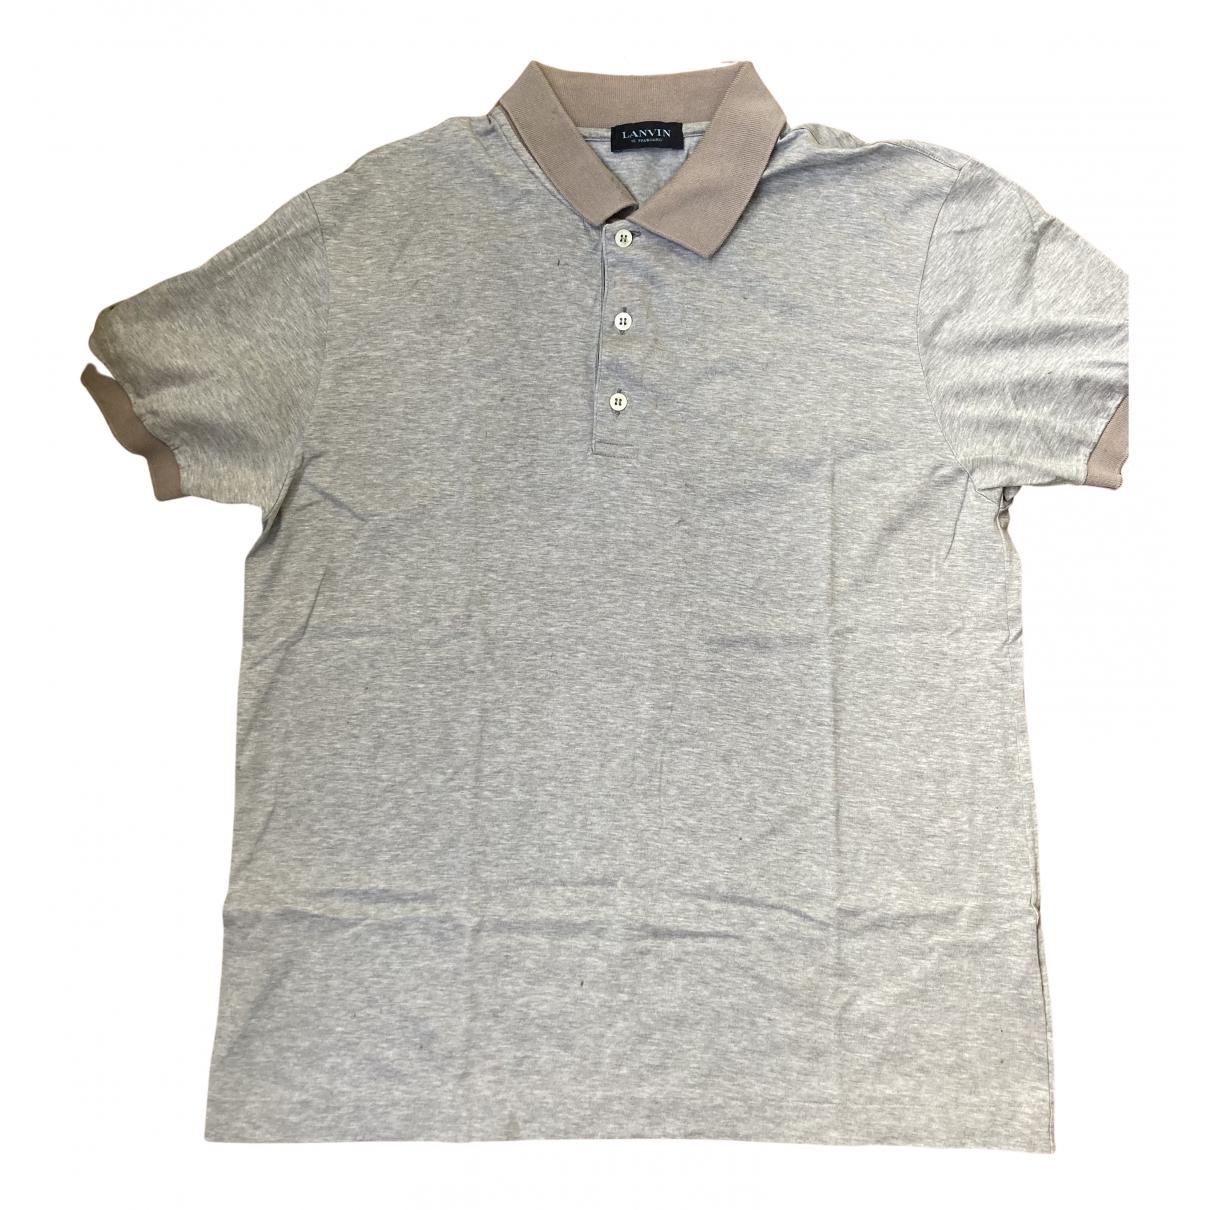 Lanvin - Polos   pour homme en coton - gris